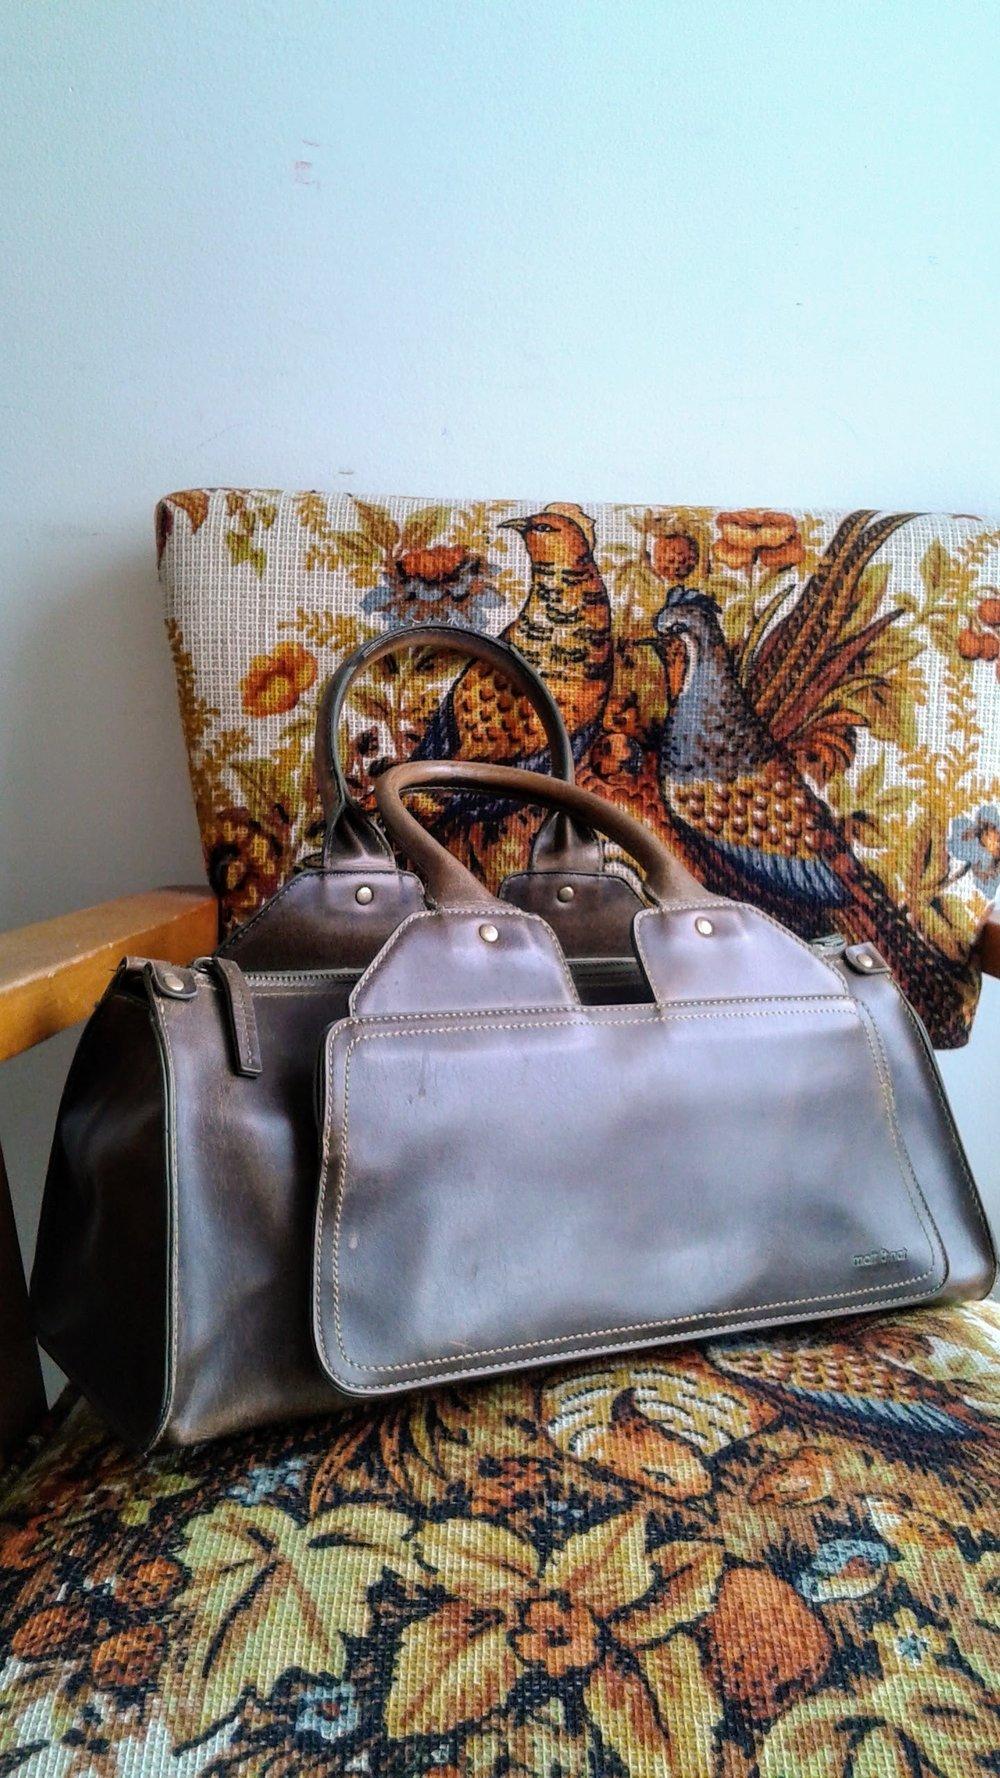 Matt & Nat bag, $46